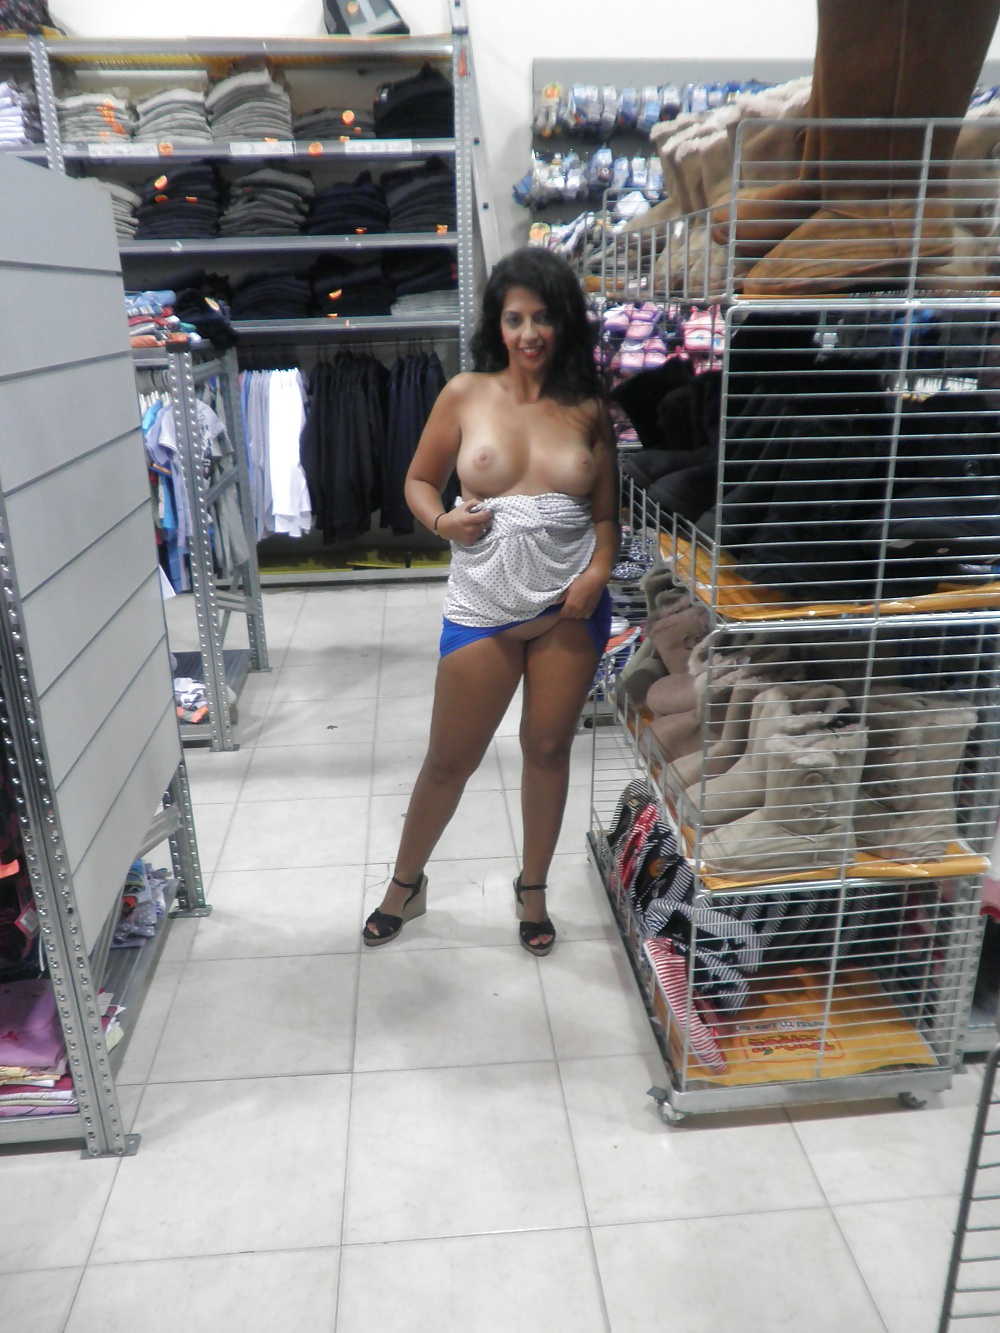 Nude Girls Of Walmart - 100 Pics - Xhamstercom-7162